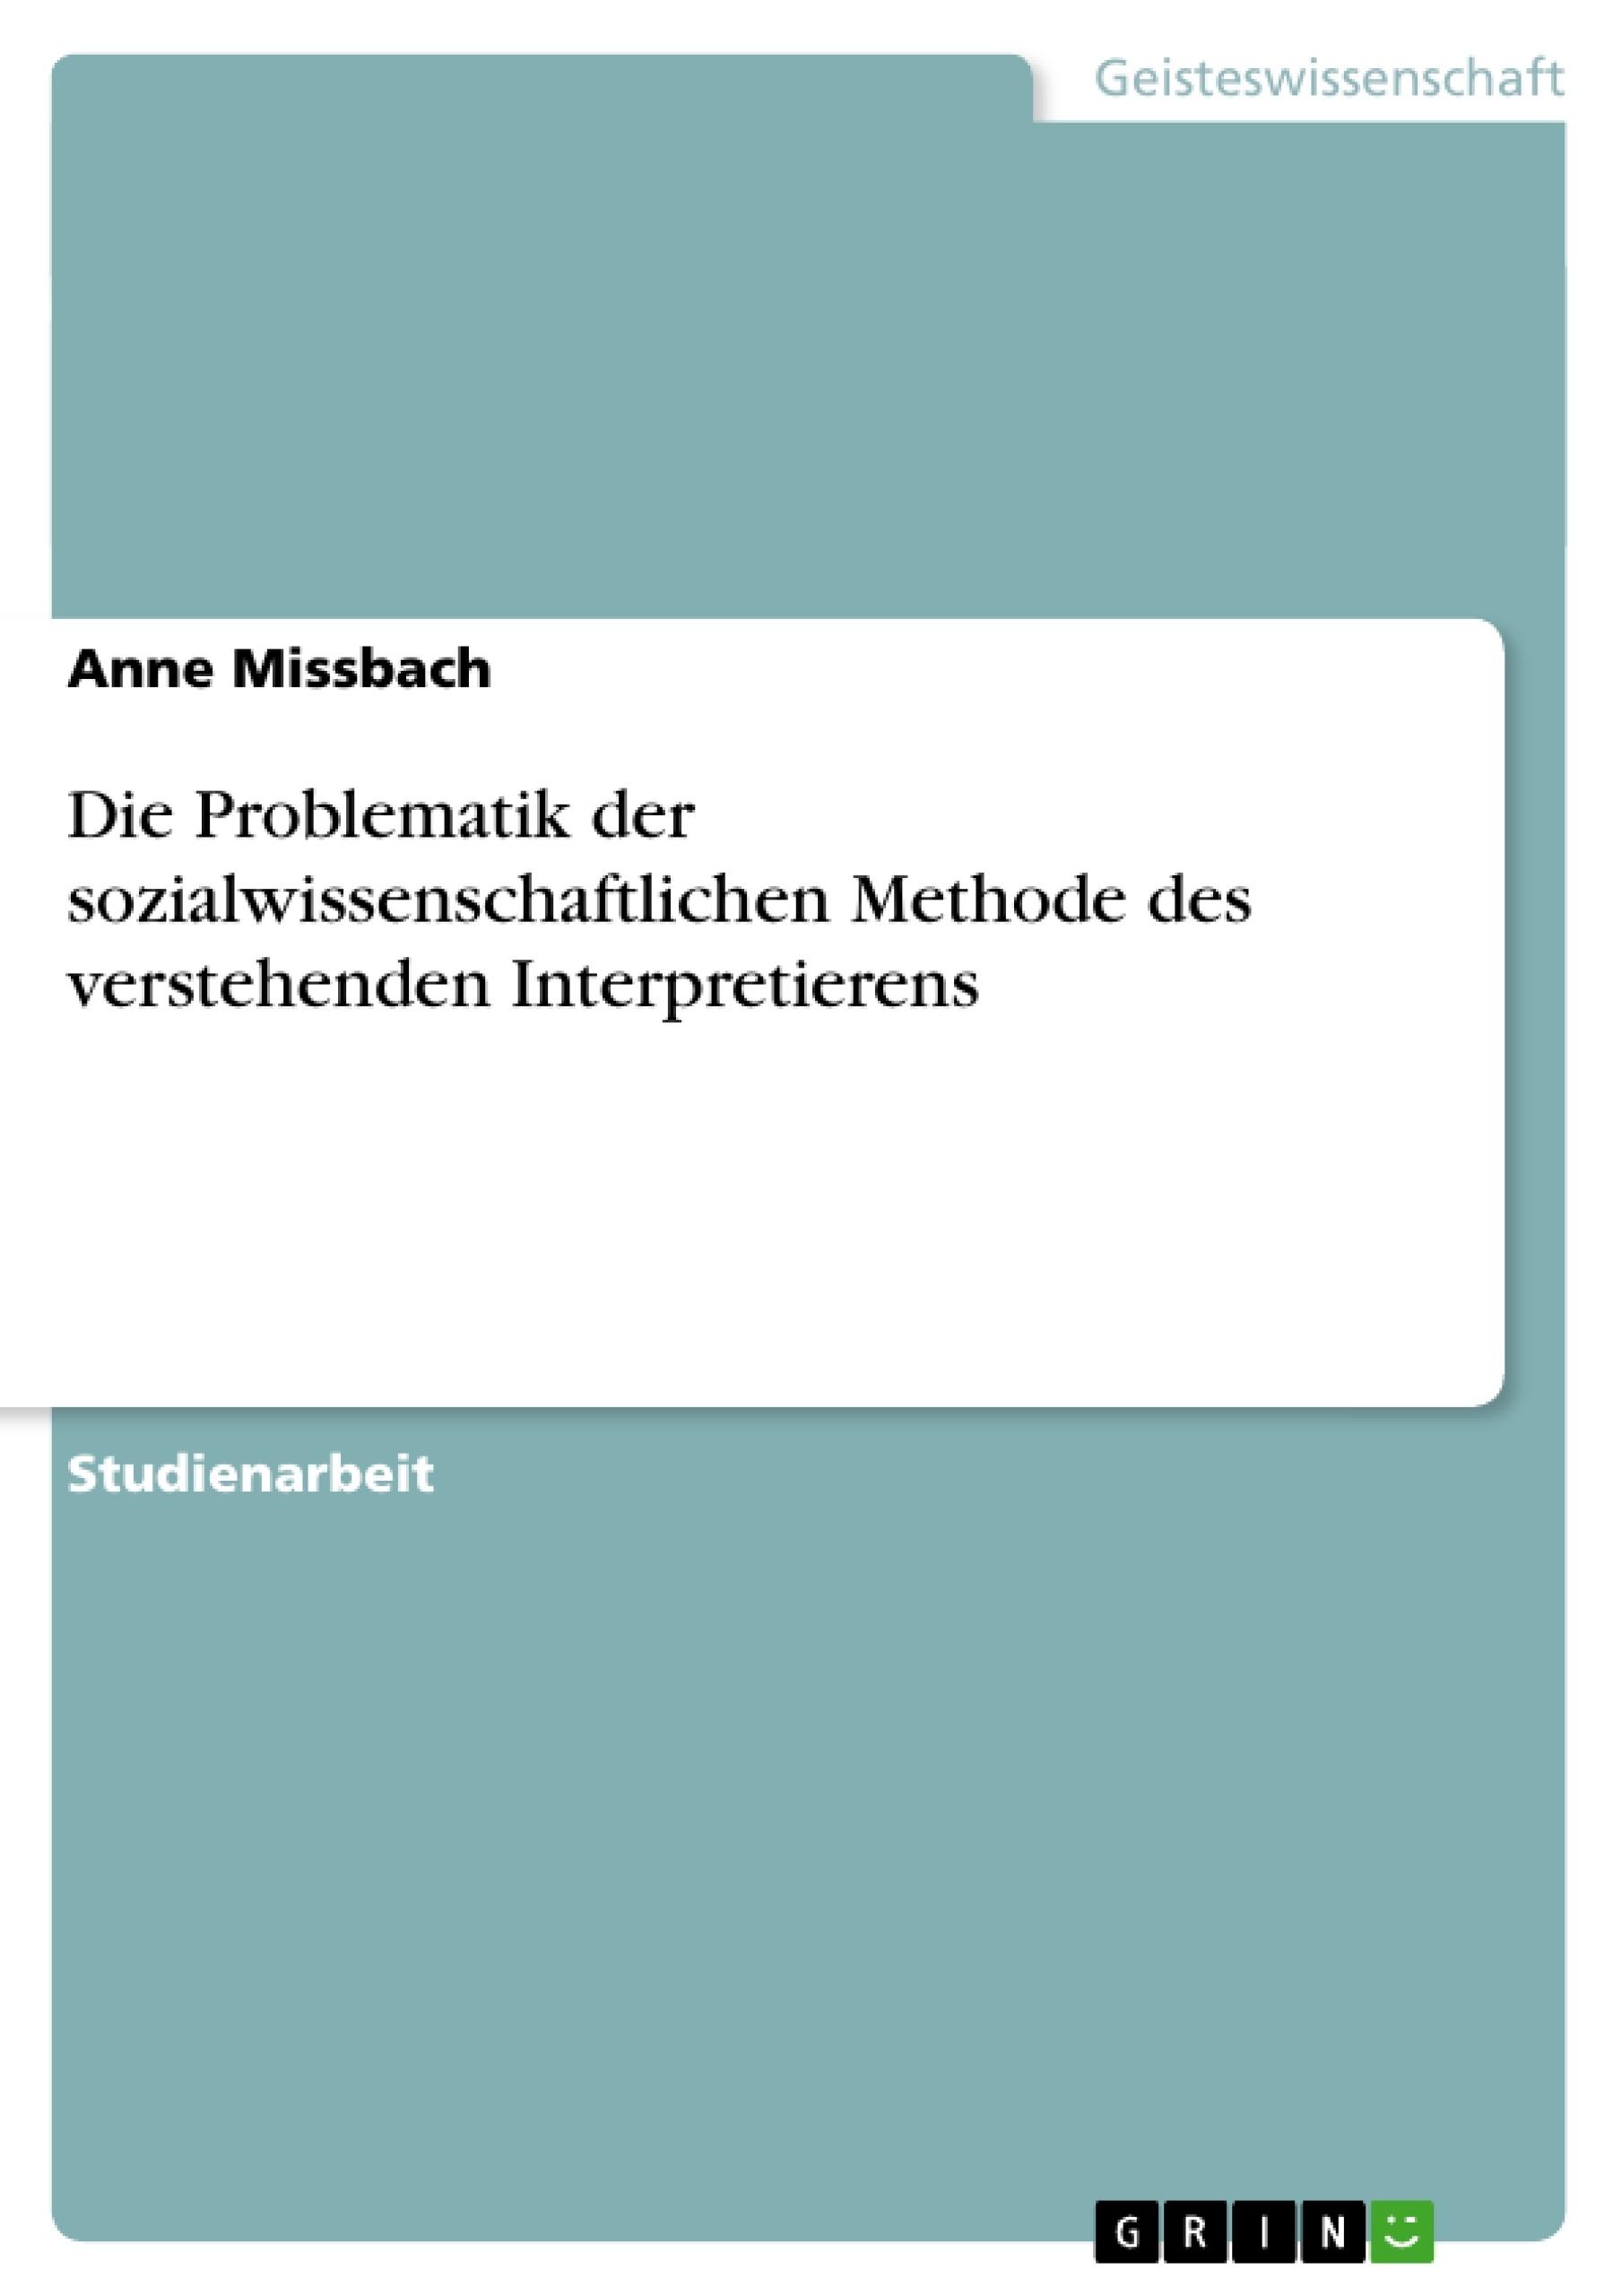 Titel: Die Problematik der sozialwissenschaftlichen Methode des verstehenden Interpretierens